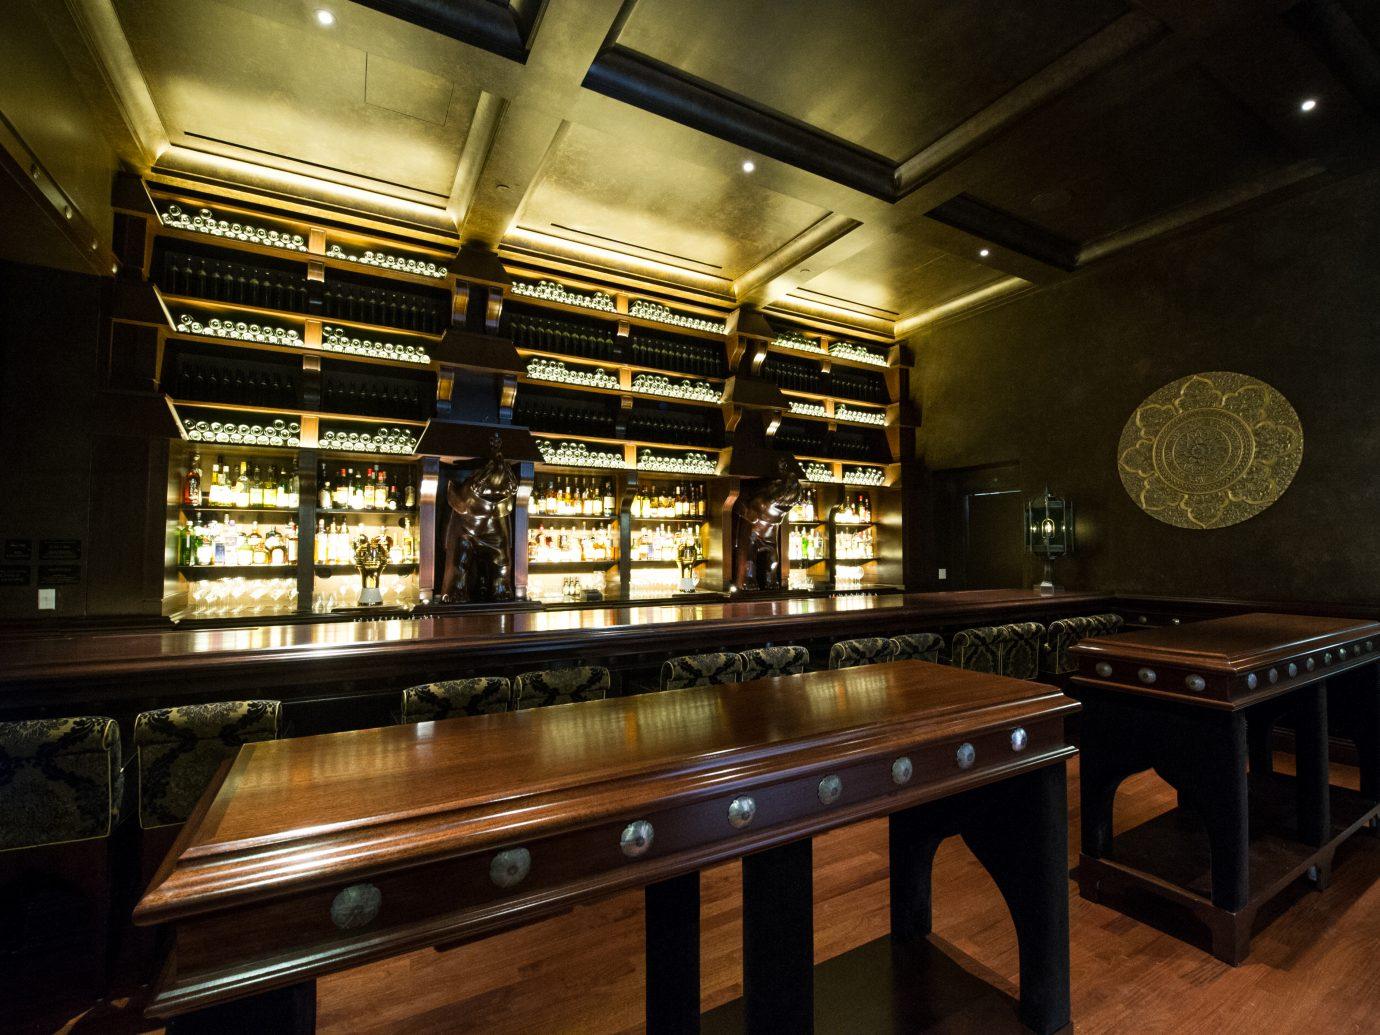 The elephant bar